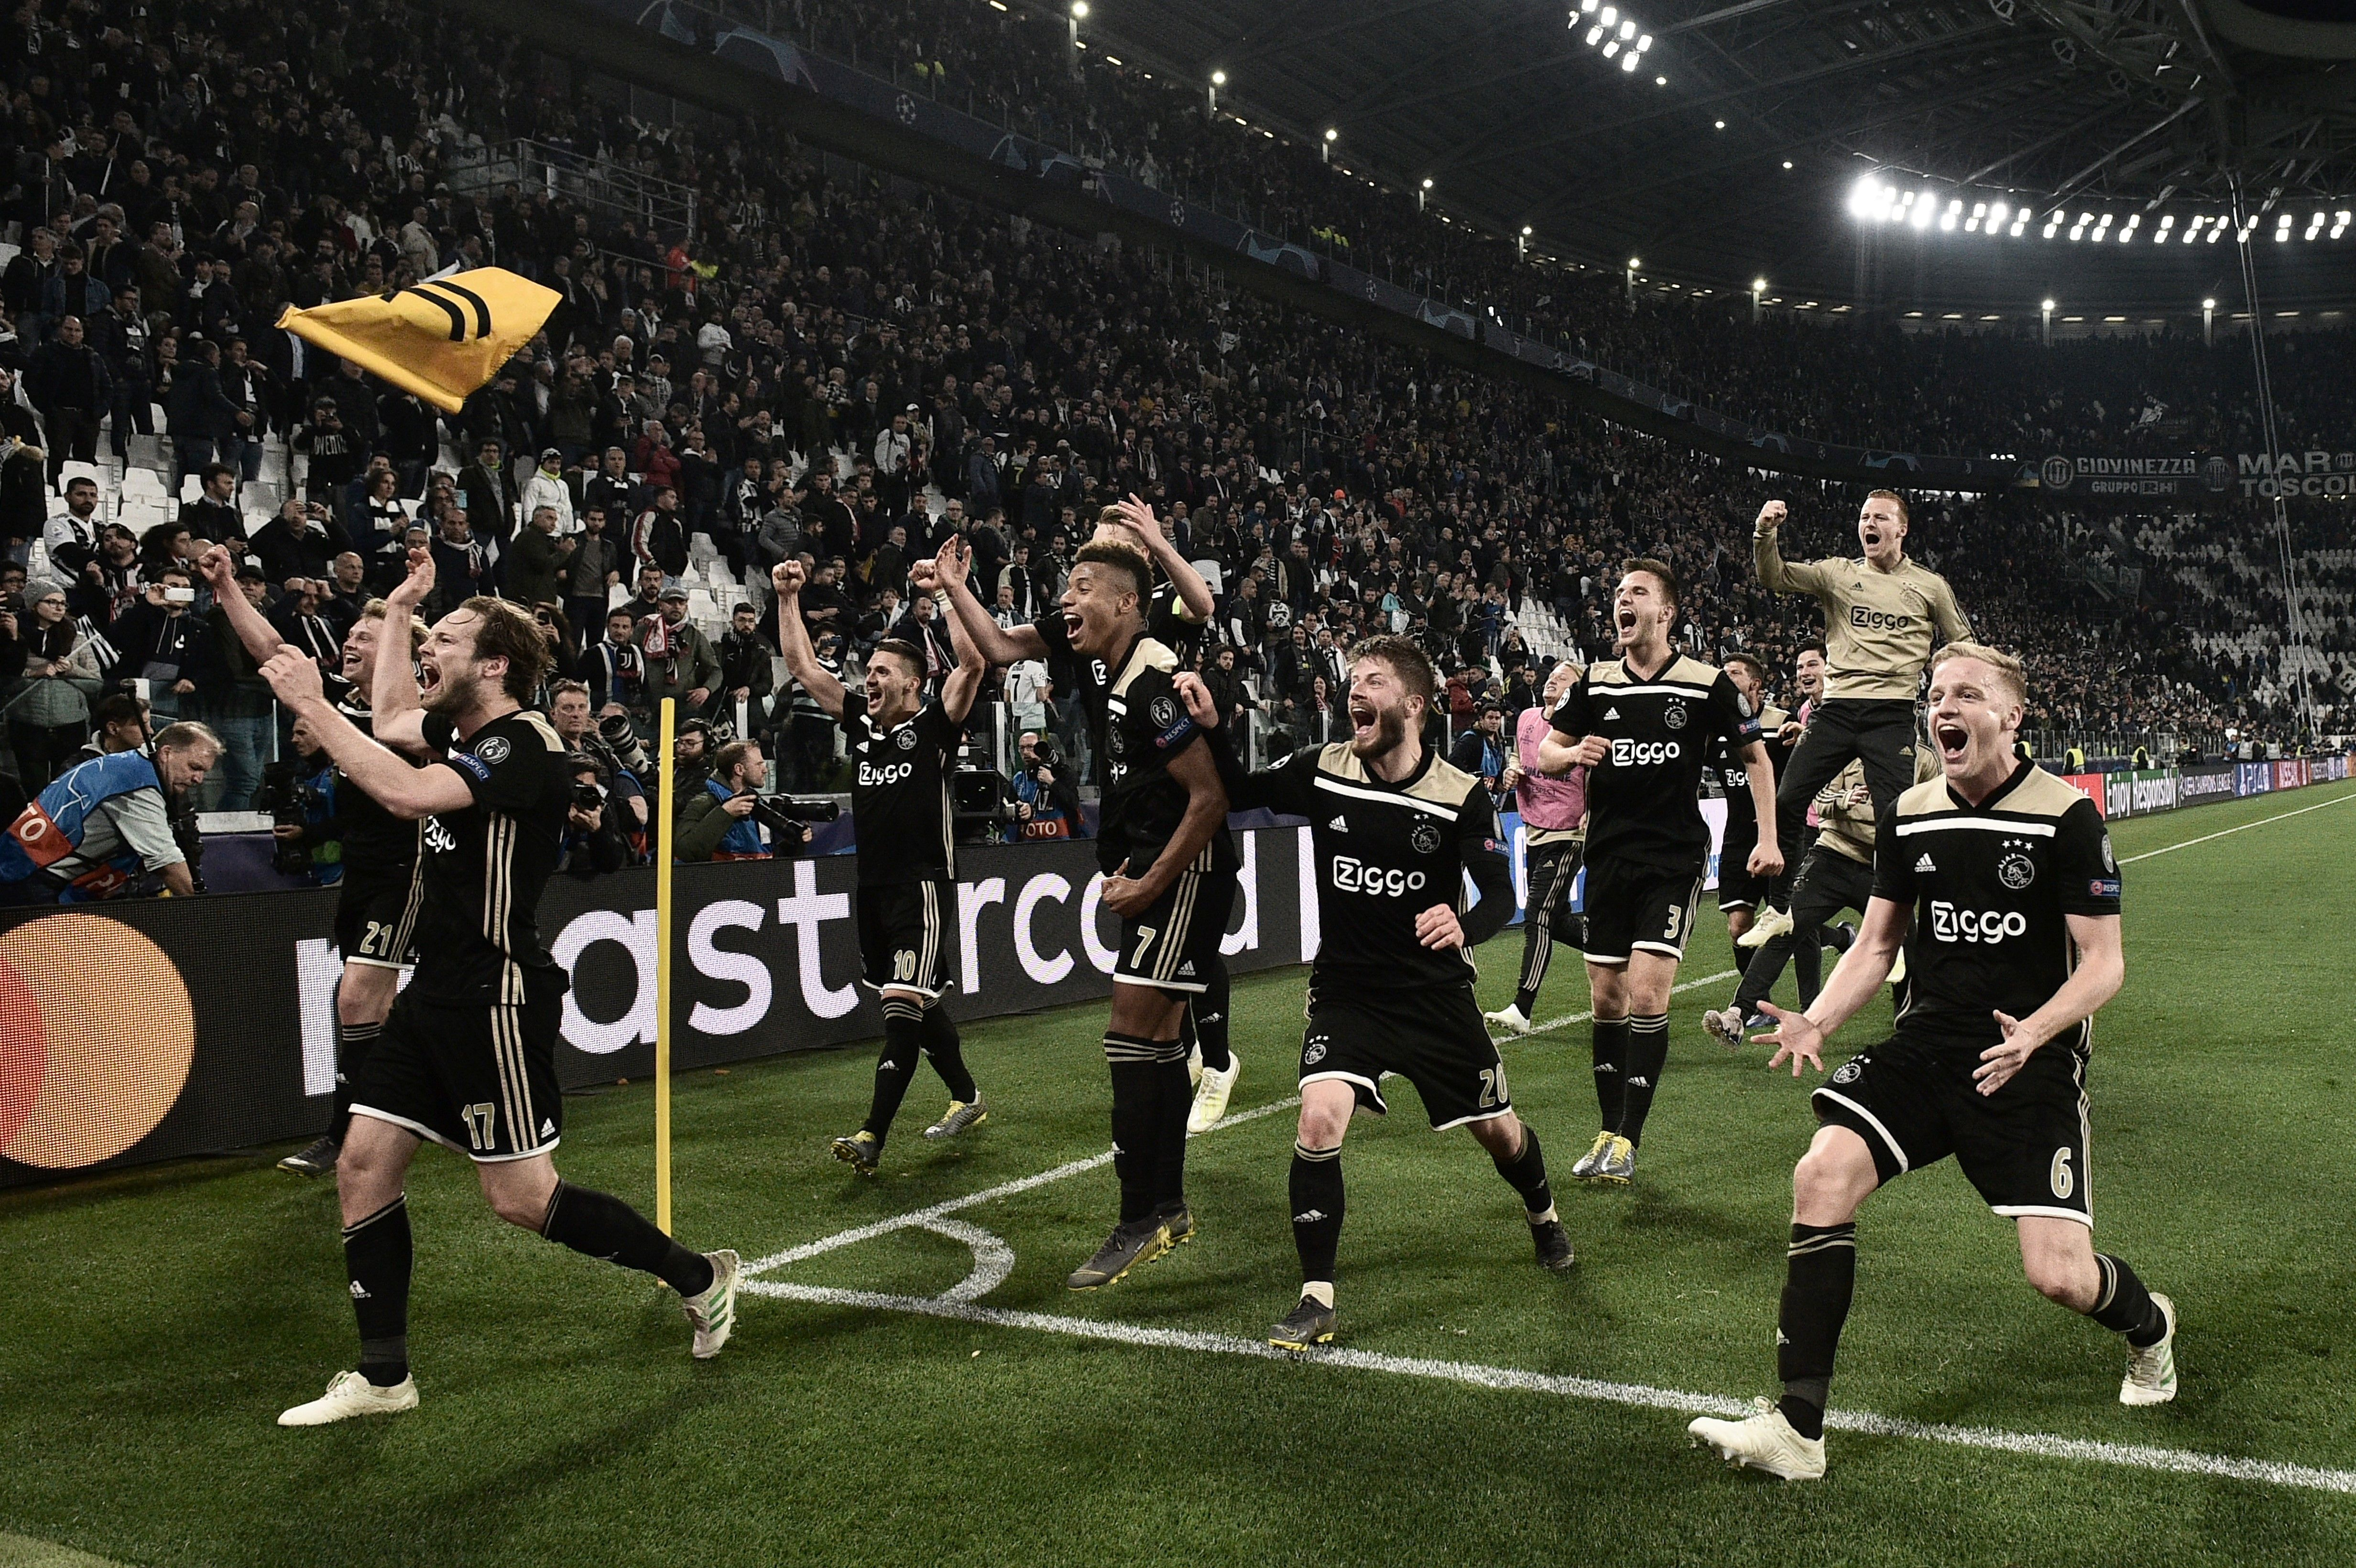 欧冠八强:阿贾克斯淘汰尤文